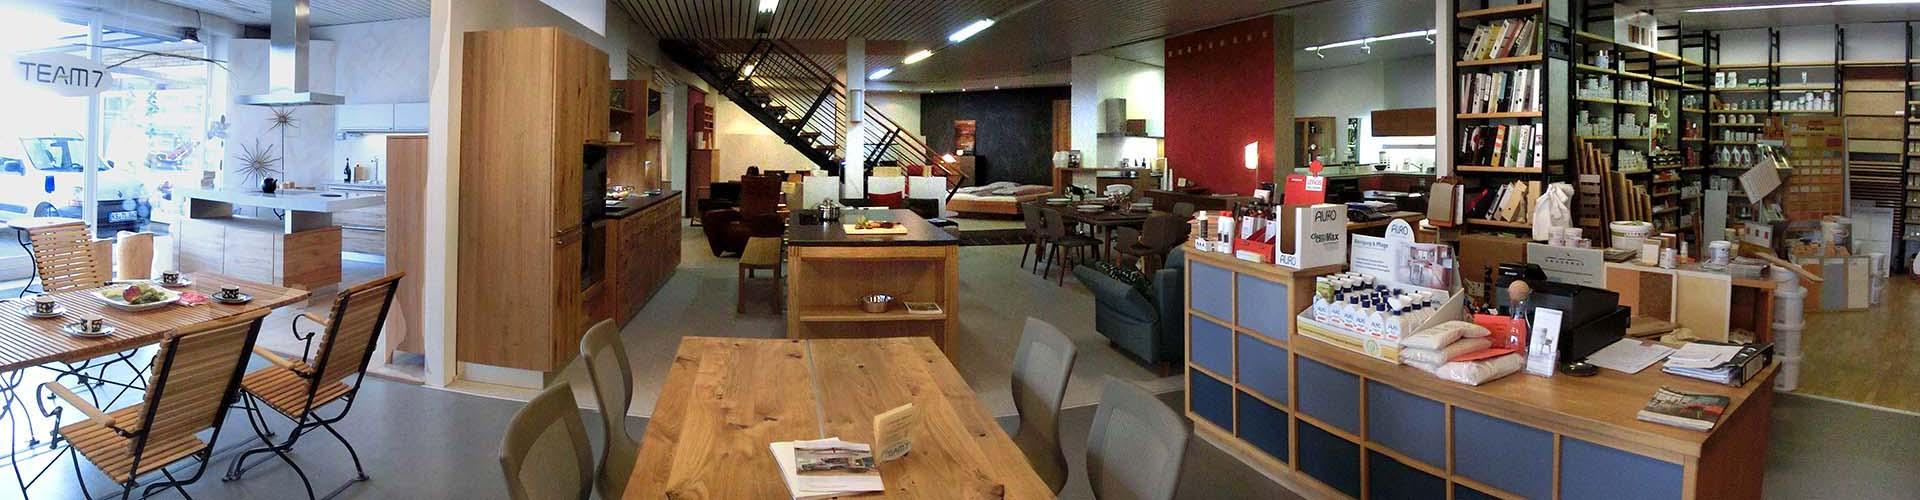 ffnungszeiten ko bauen wohnen in kassel oeko bauen wohnen kassel. Black Bedroom Furniture Sets. Home Design Ideas